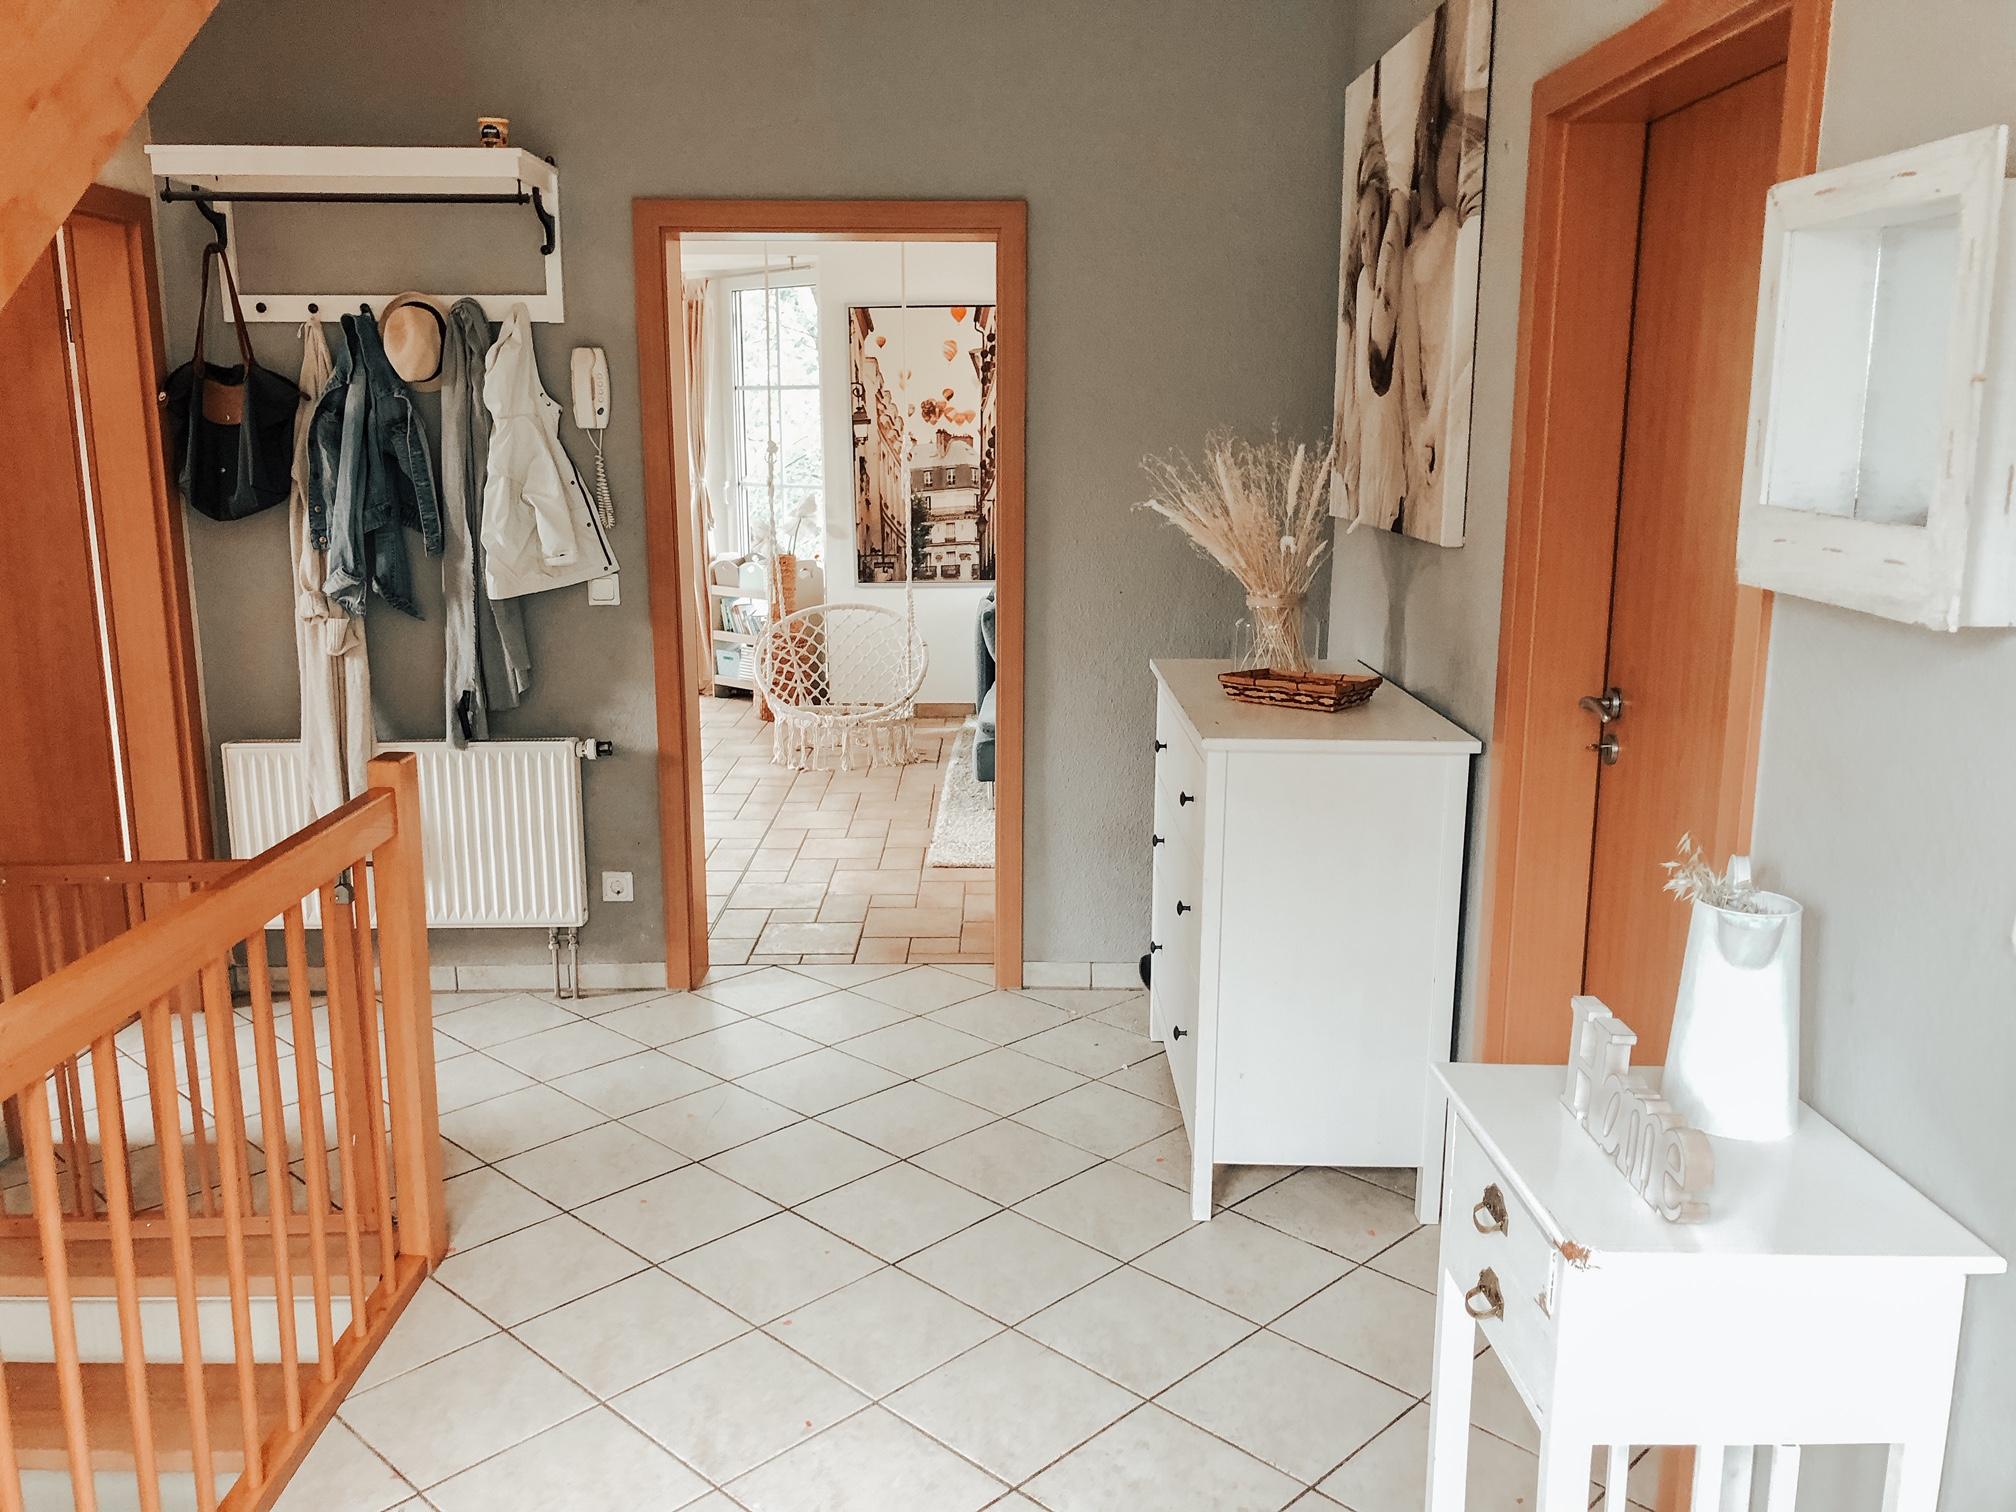 Kreative Einrichtungsideen mit DIY-Einflüssen. Tolle Wohnideen findest du bei desmondo.de